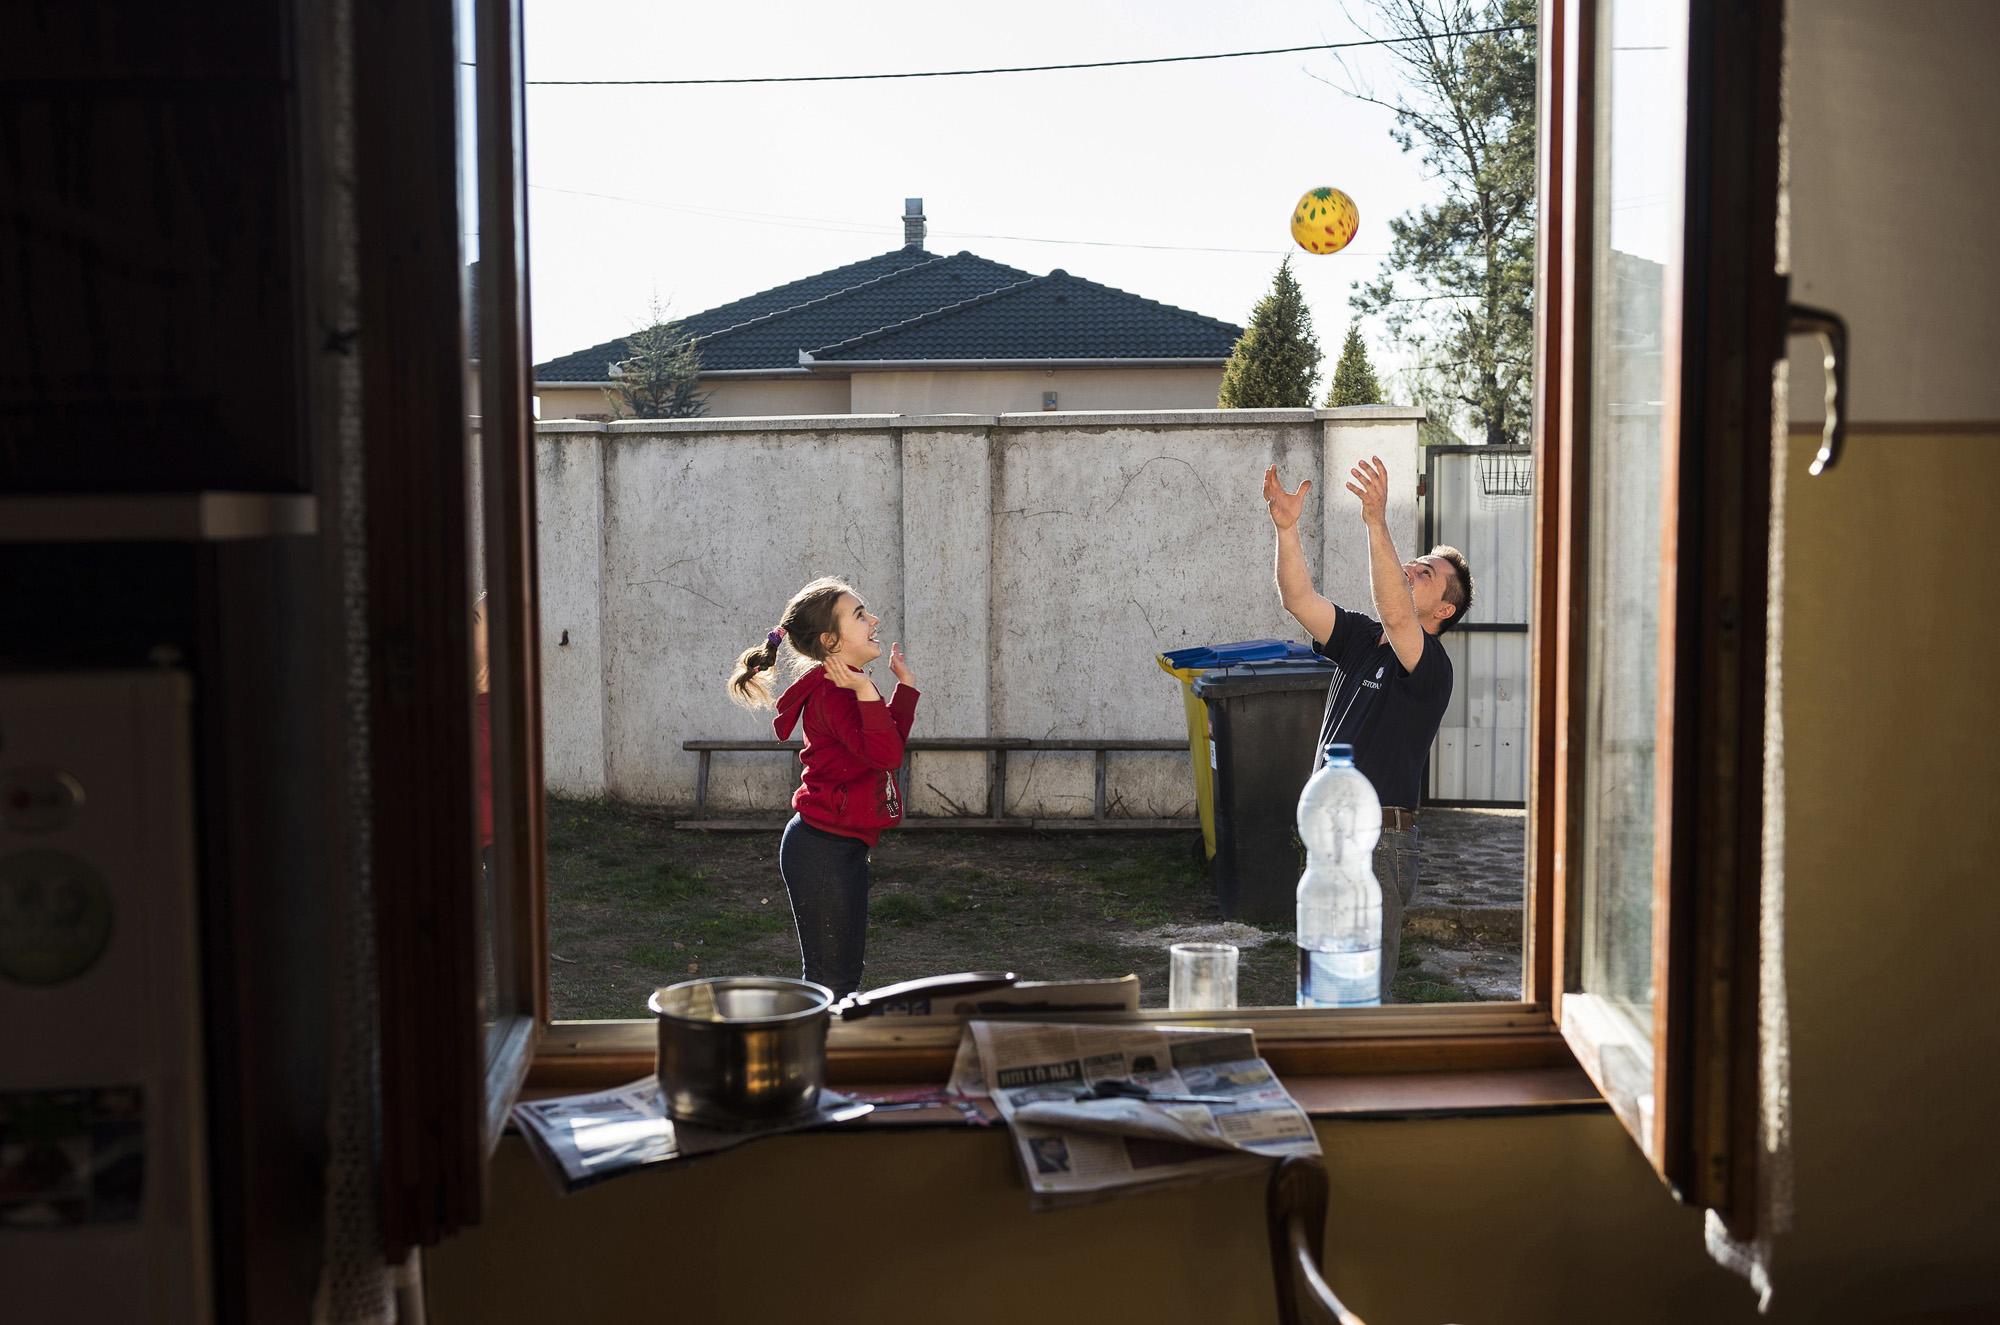 Nyíregyháza, 2017. március 30.Farkas Árpád és autizmus spektrumzavarral élő lánya, Farkas Laura labdázik nyíregyházi otthonuk udvarán 2017. március 28-án. Az állandó felügyeletet igénylő gyermek nevelésének nehézségei miatt a család felbomlott, a szülők elváltak. A két gyermekét egyedül nevelő Farkas Árpád korábban jól működő vállalkozásaira nem tudott elég időt fordítani, így az egykor jó körülmények között élő család anyagi helyzete megváltozott. A férfi alapító elnöke az autista gyerekek szülői szervezetének, a 2014 tavaszán bejegyzett Most Élsz Egyesületnek, amely folyamatosan keresi a gyógyítás újabb és újabb lehetőségeit.MTI Fotó: Balázs Attila